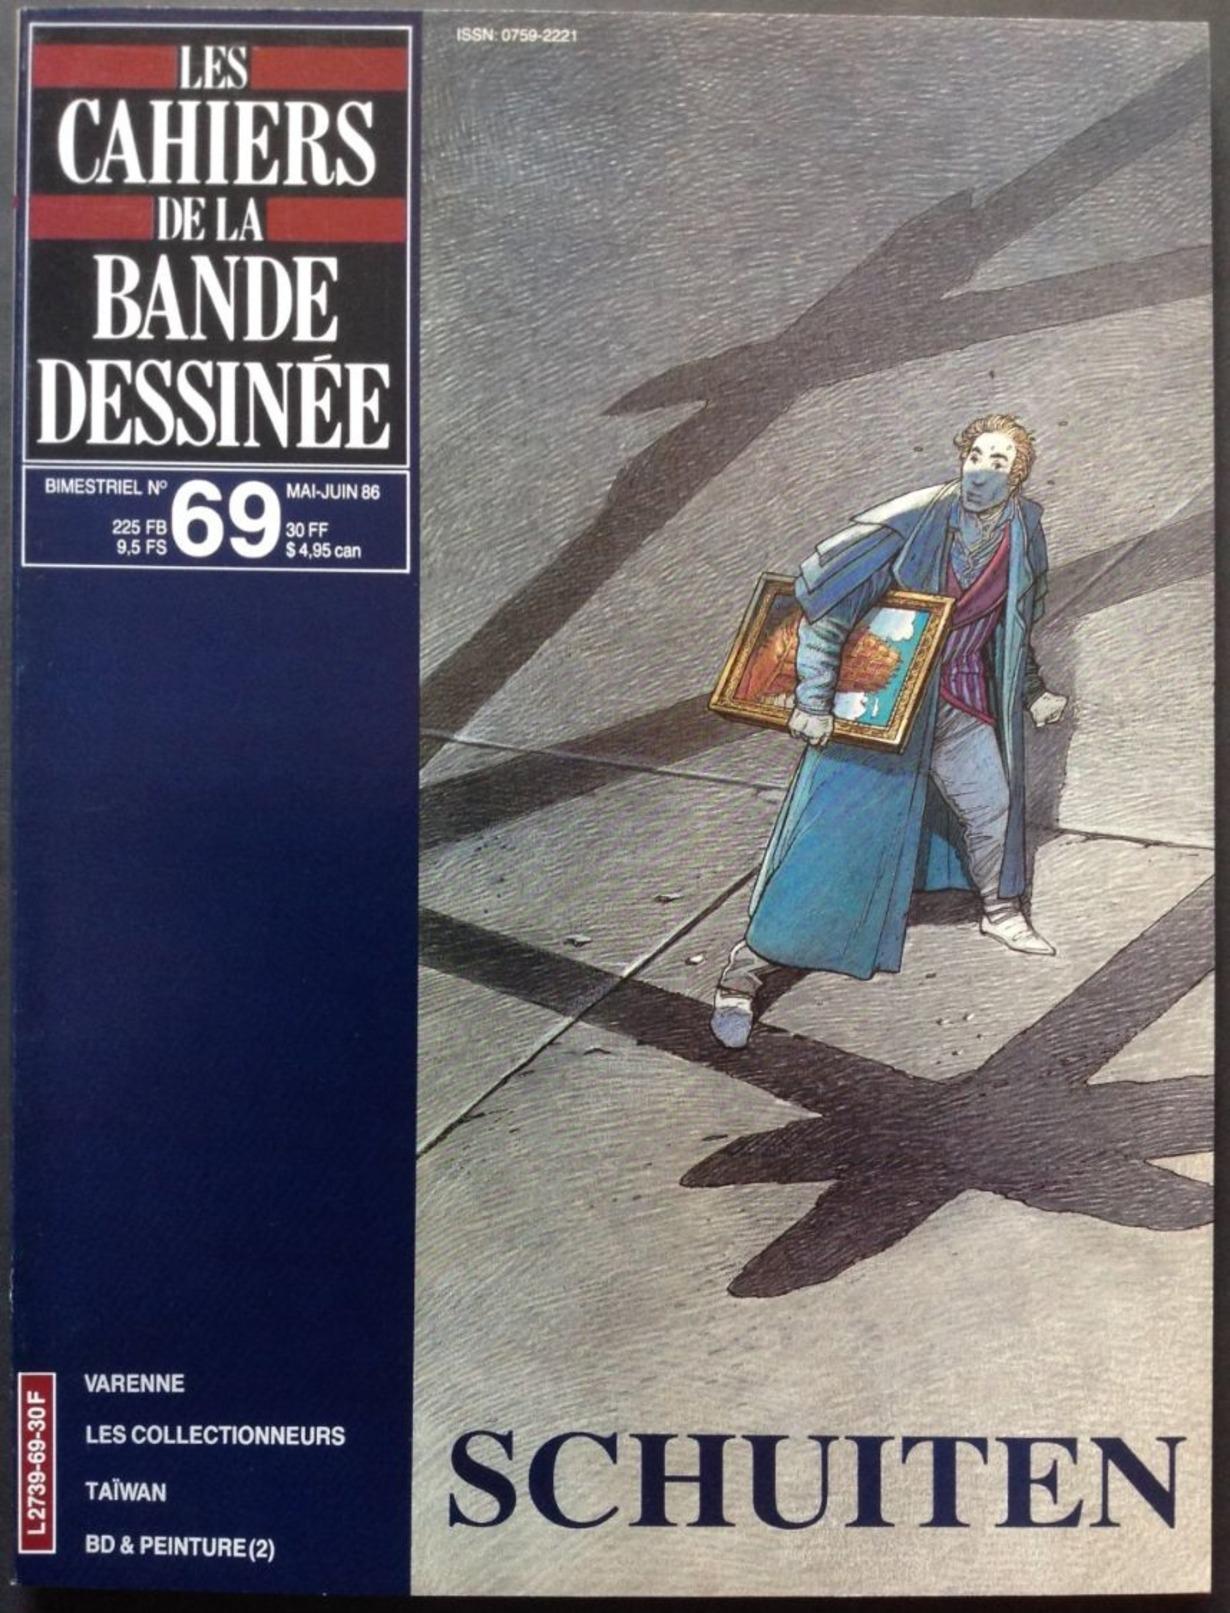 No PAYPAL !! : CBD 69 Cahiers De La BD Schuiten ( François Et Luc ) ,Varenne ,BD & Peinture 2 Taïwan...Éo BD Glénat 1986 - Magazines Et Périodiques